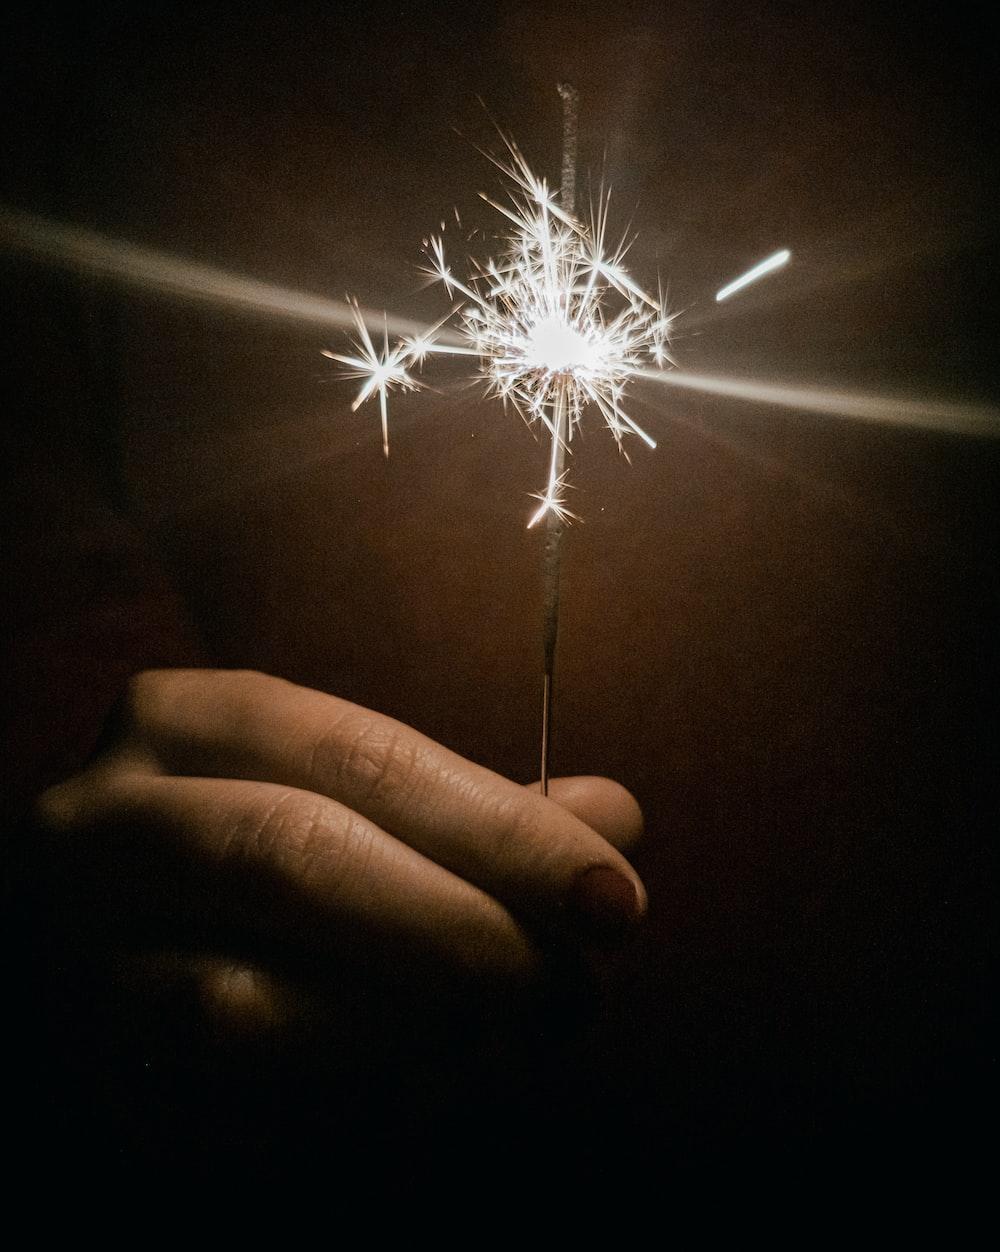 person holding white lighted sparkler